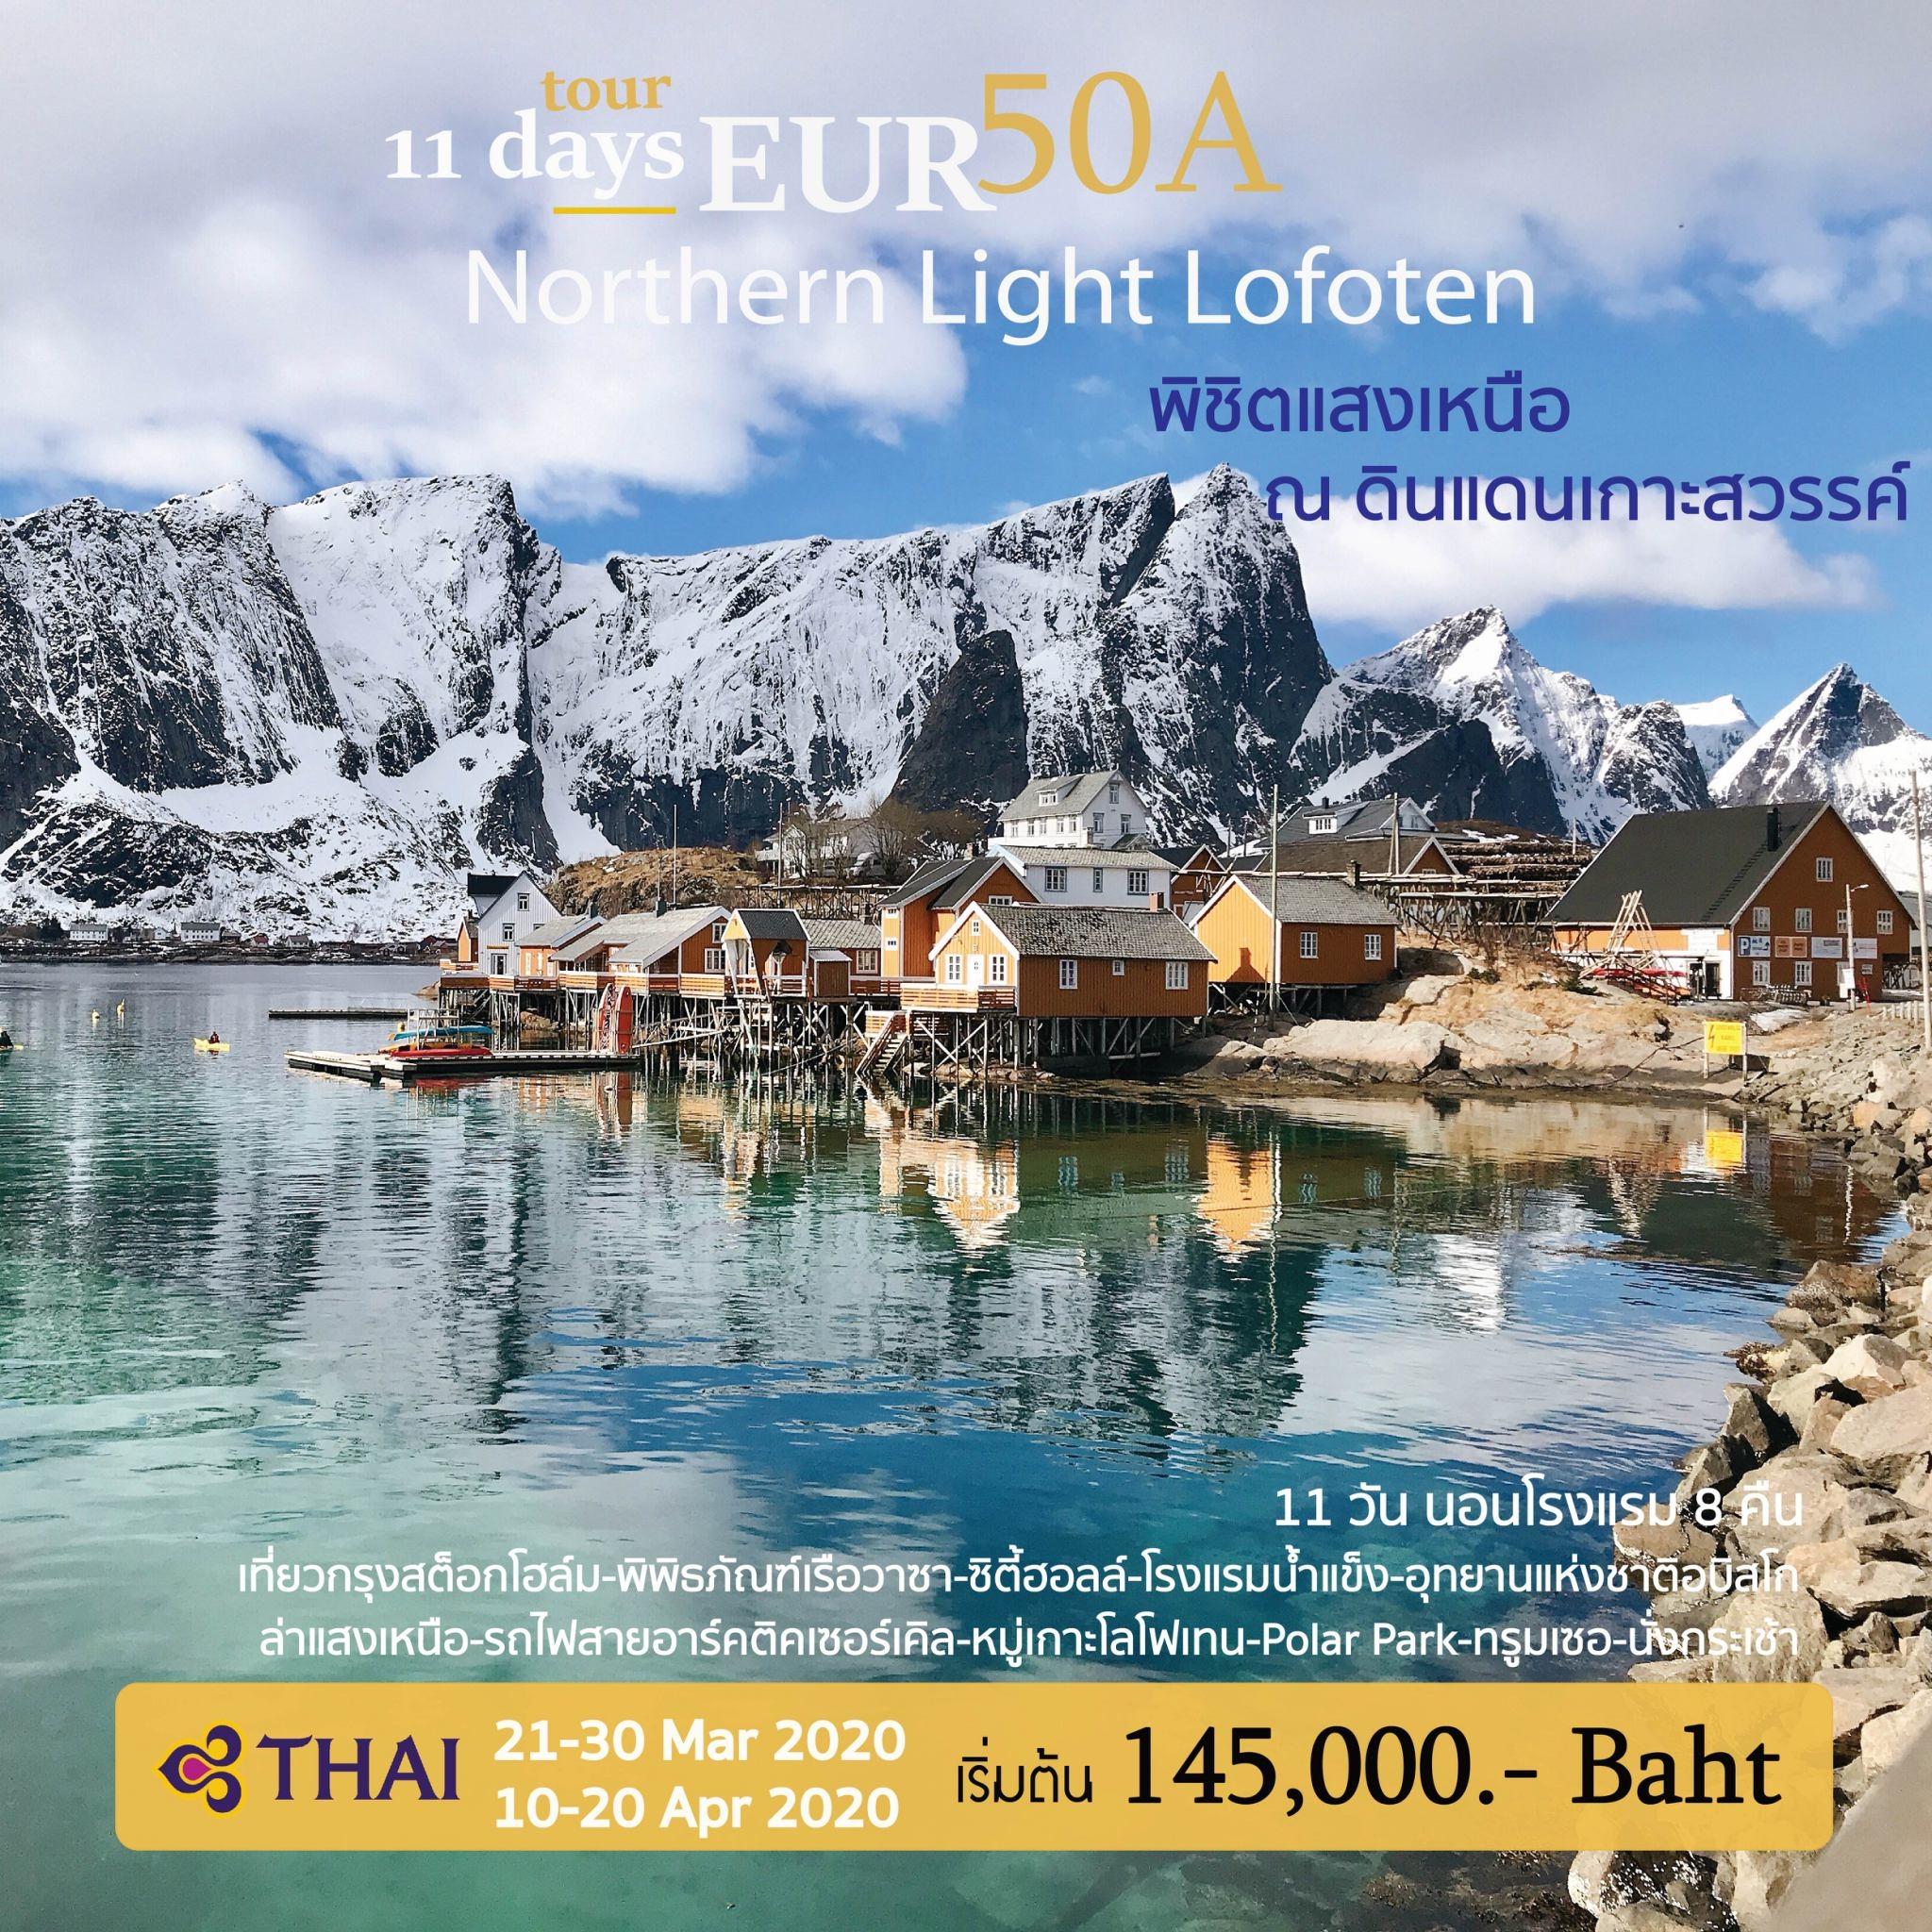 -ทัวร์ยุโรป-Northern-Lights-Lofoten-11วัน-8คืน-(10-20-Apr'20)(EUR_50A)